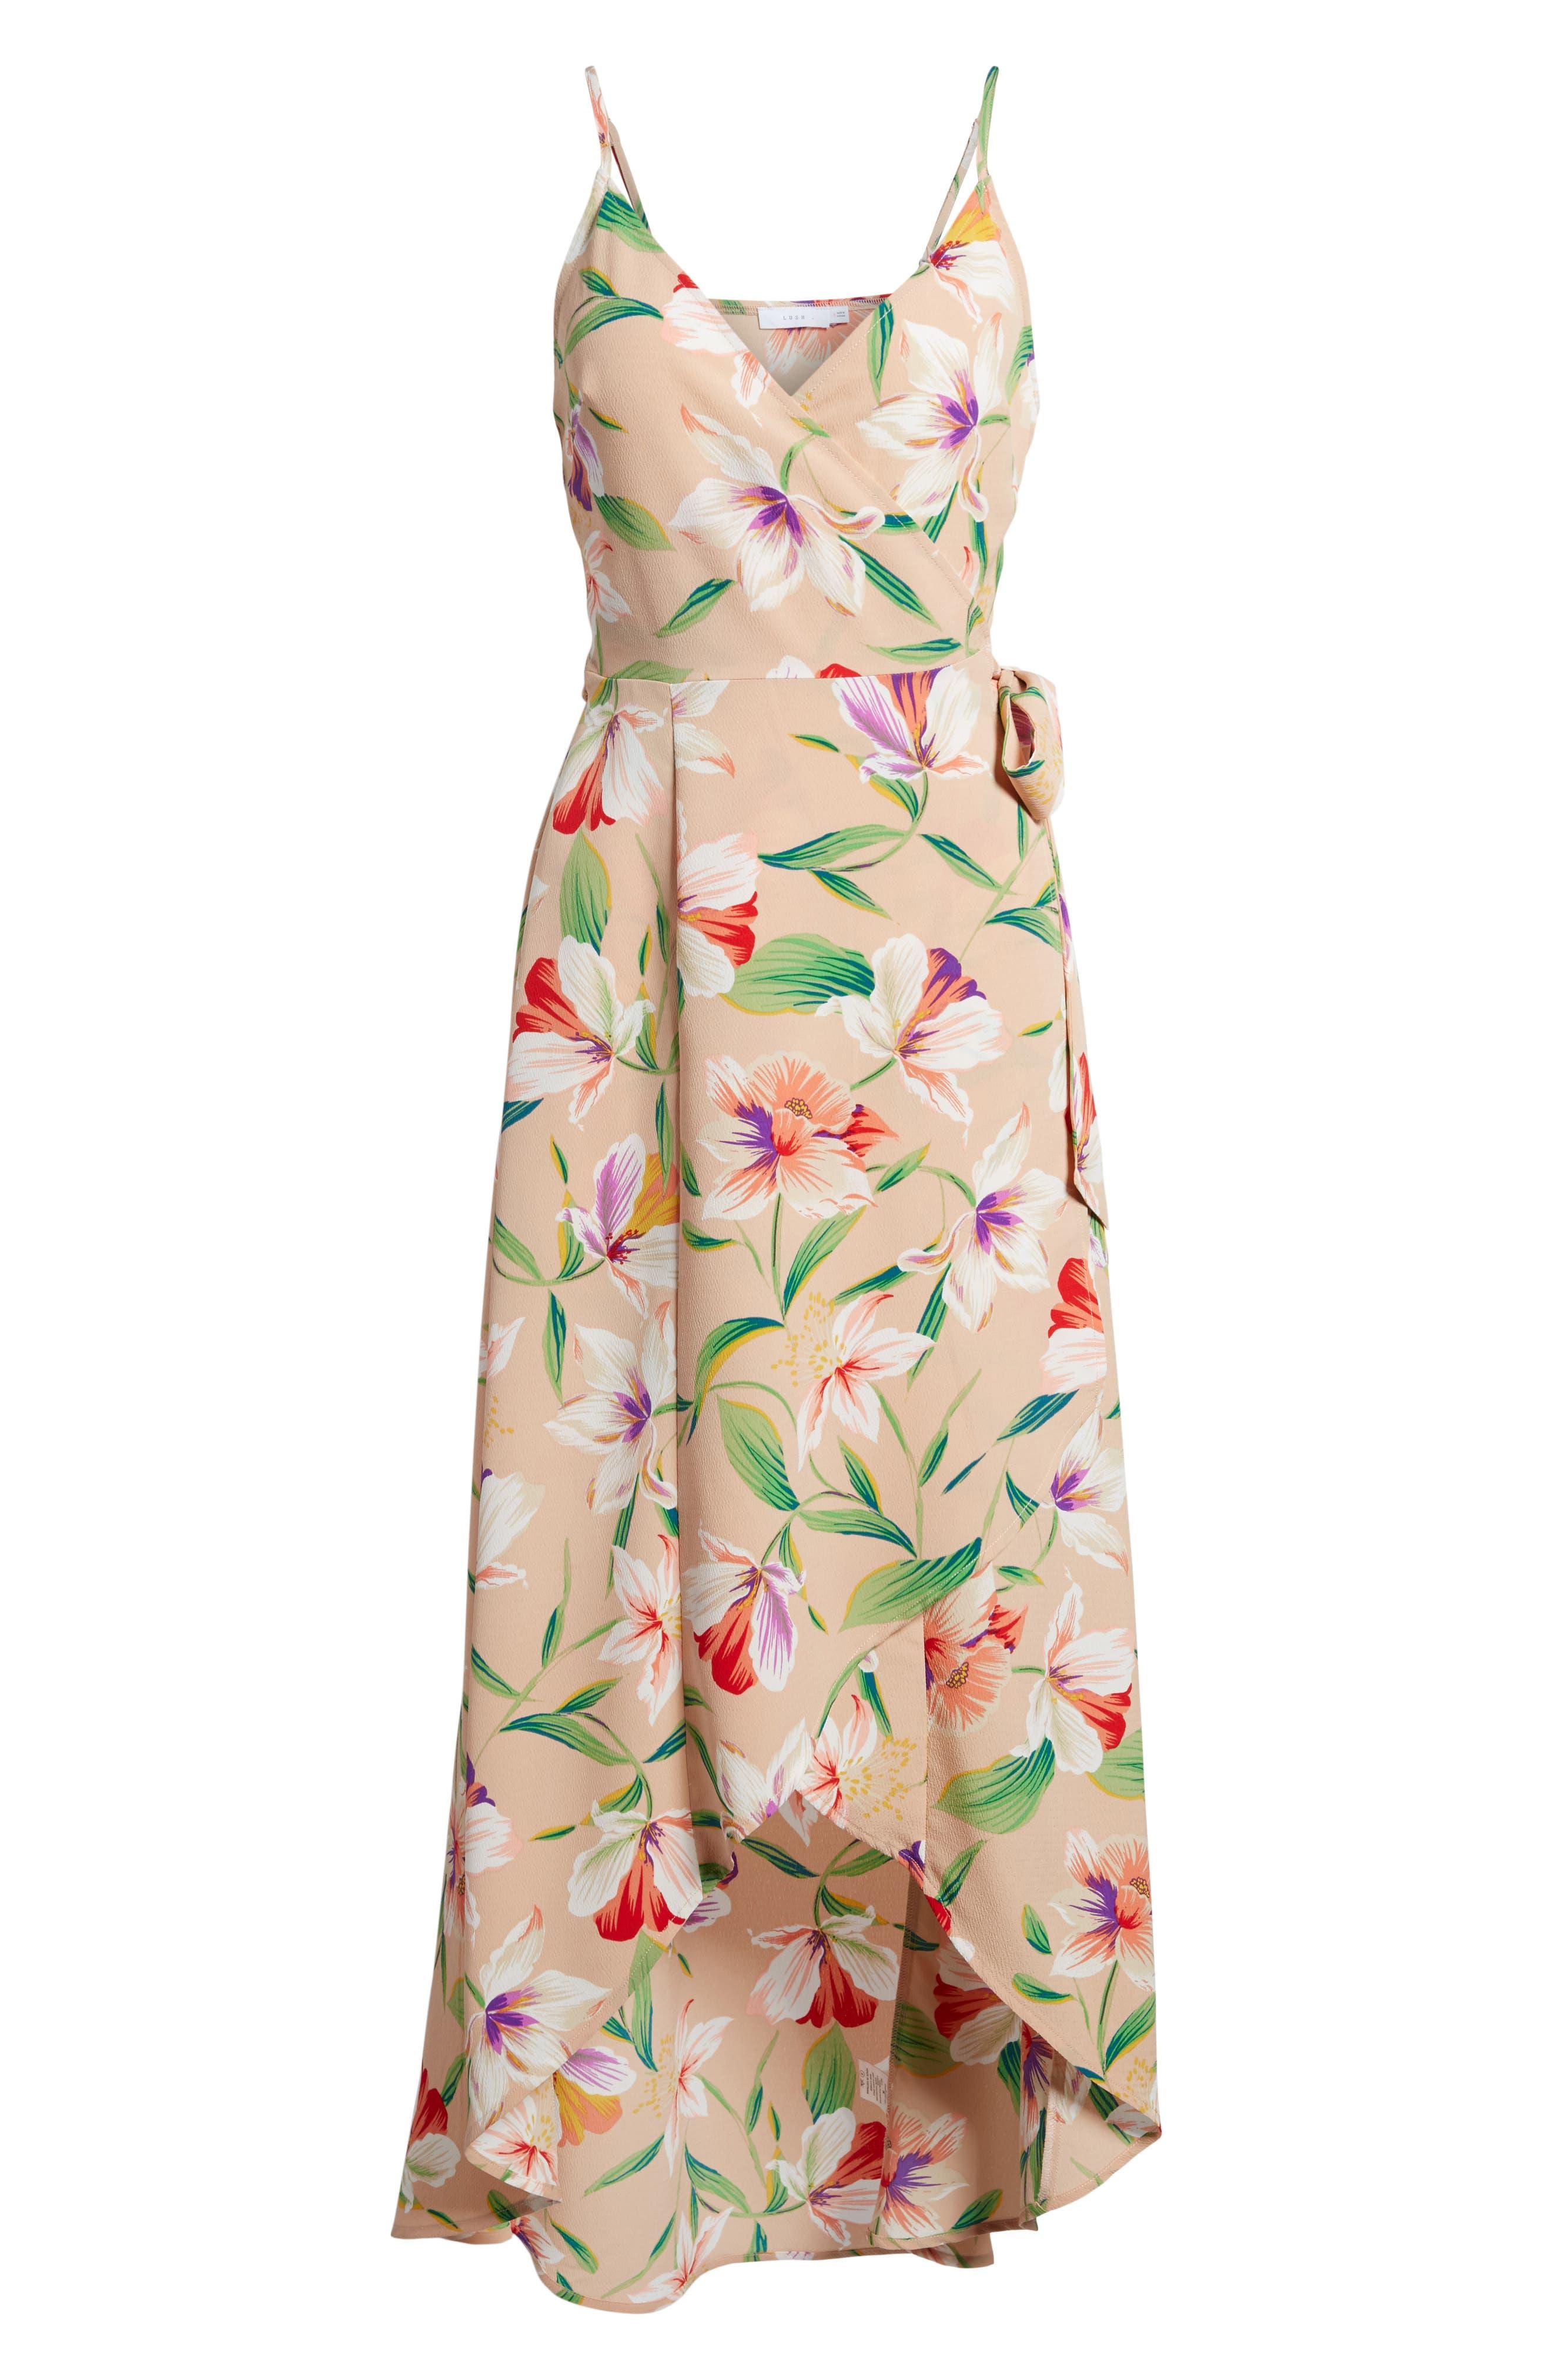 Floral Wrap Maxi Dress,                             Alternate thumbnail 6, color,                             Mocha-Multi Floral